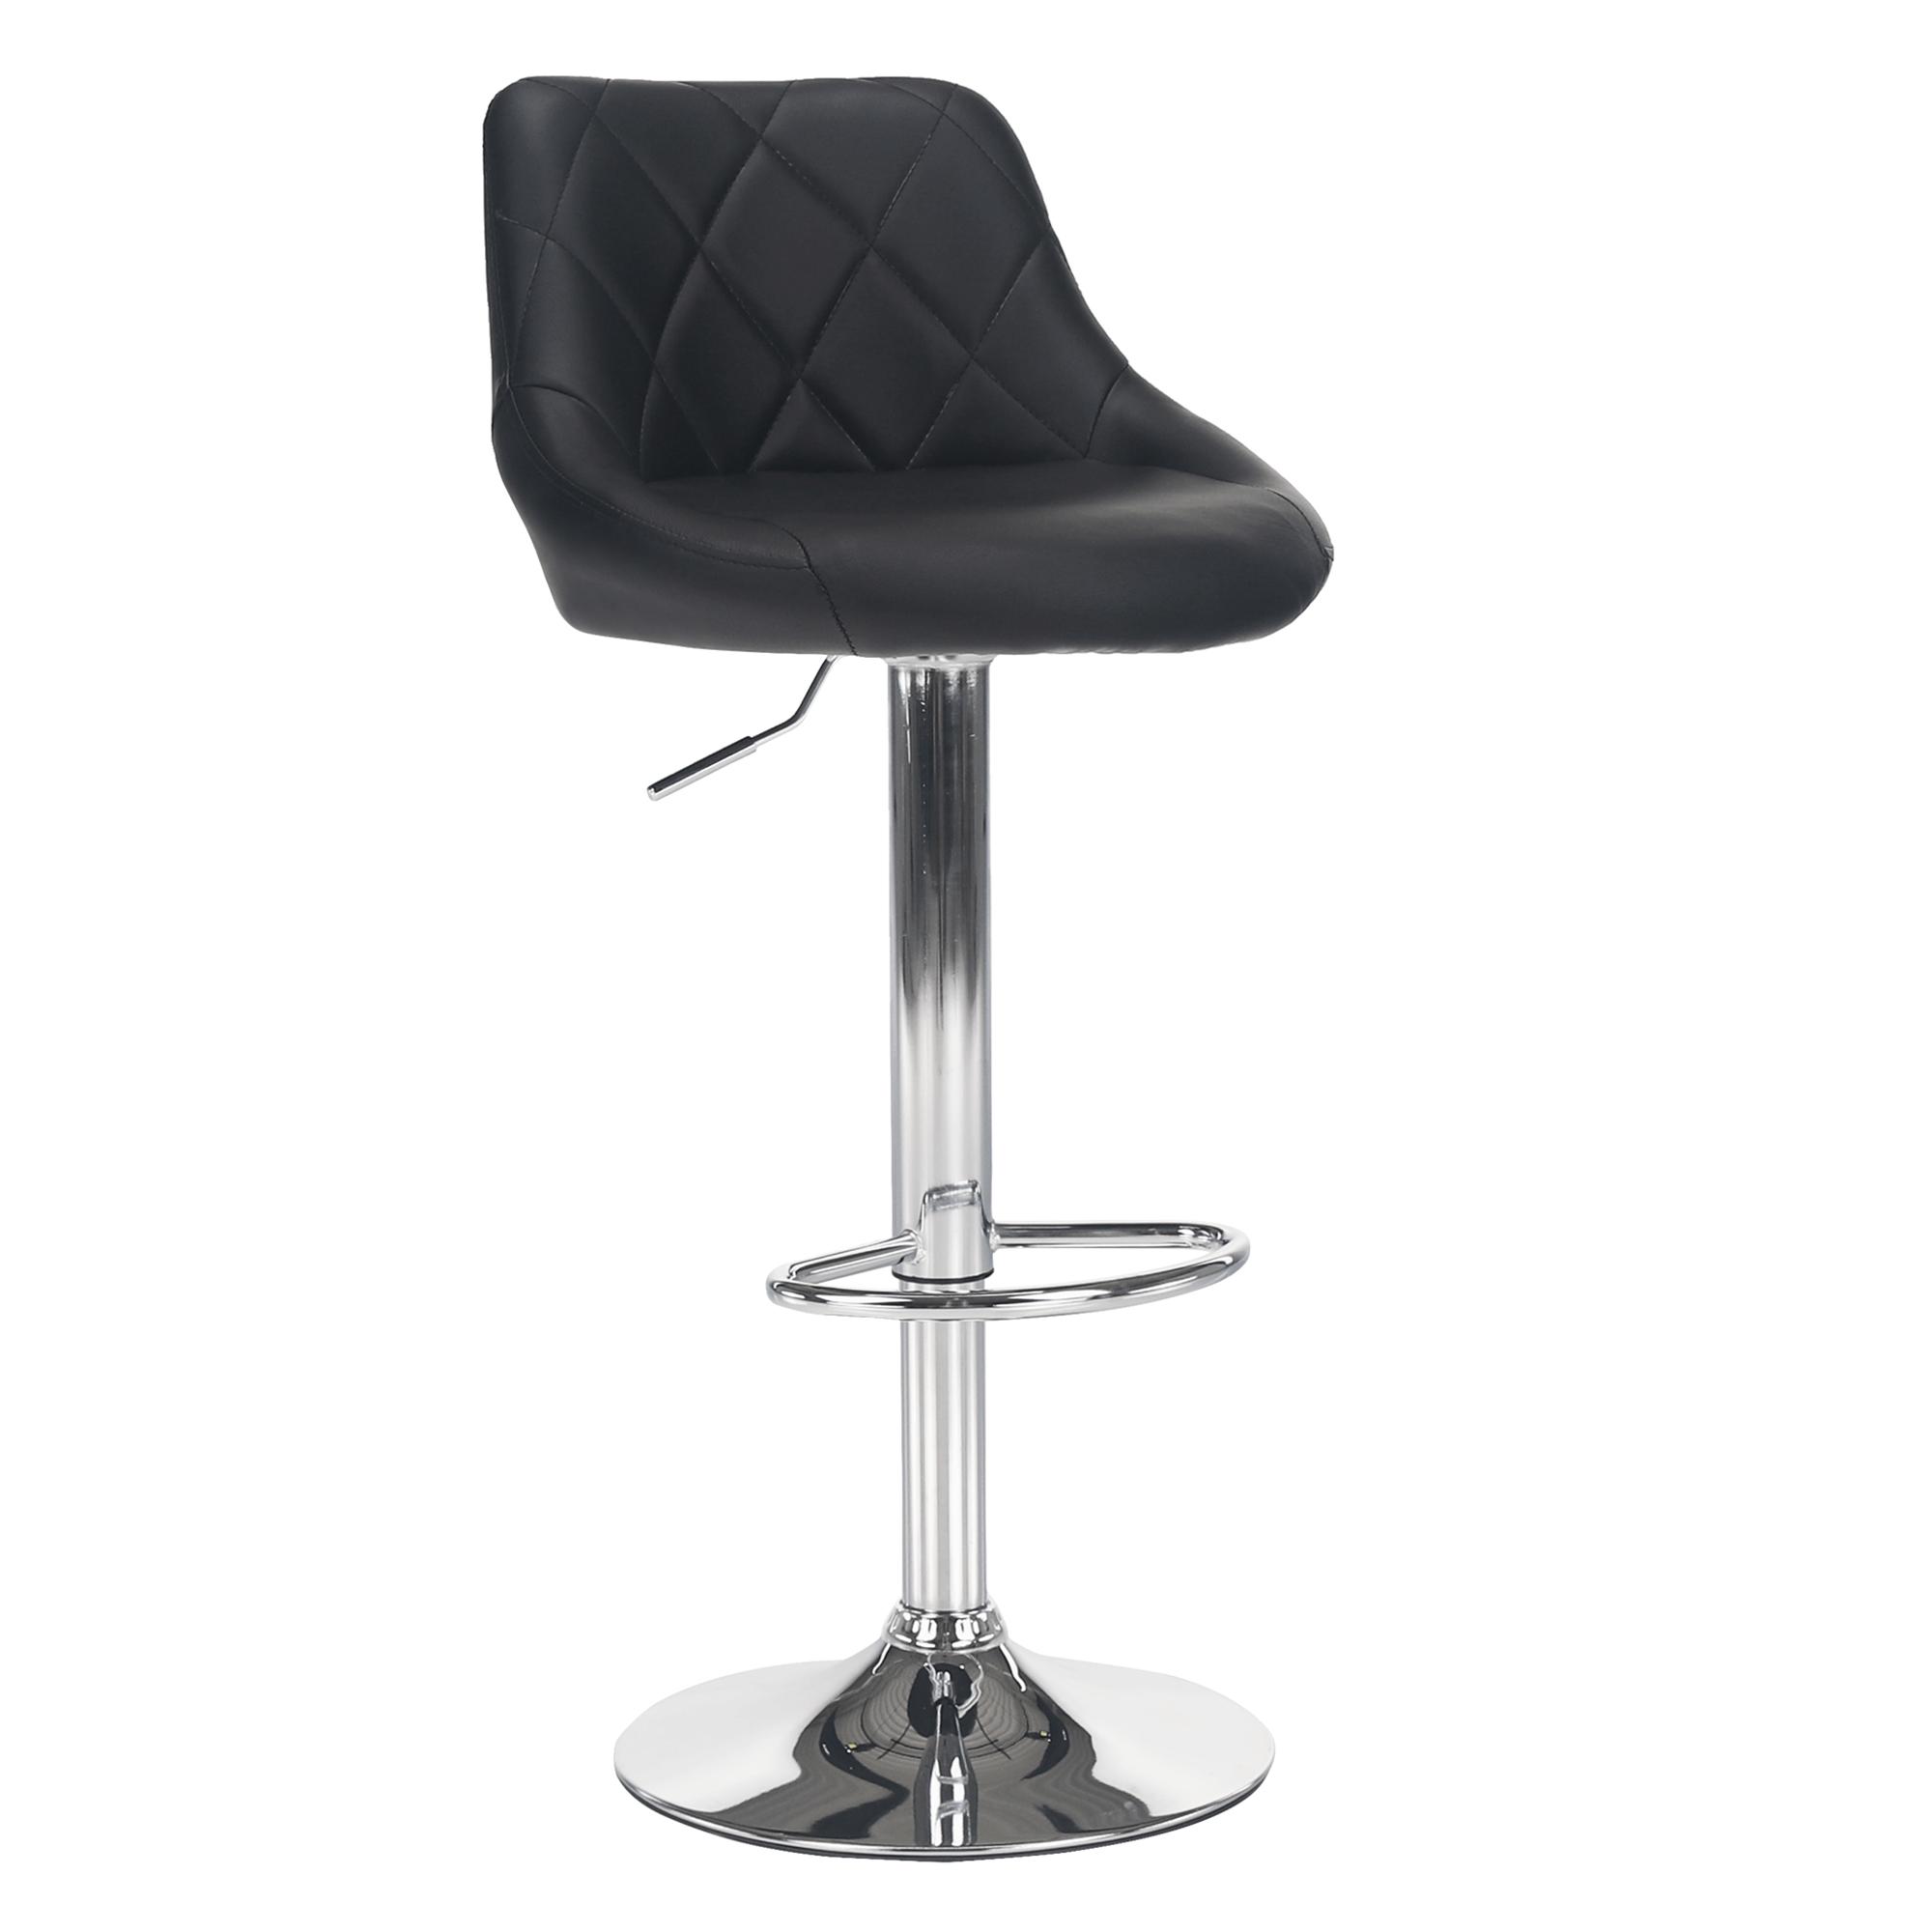 Barová stolička, čierna ekokoža/chrómová, MARID